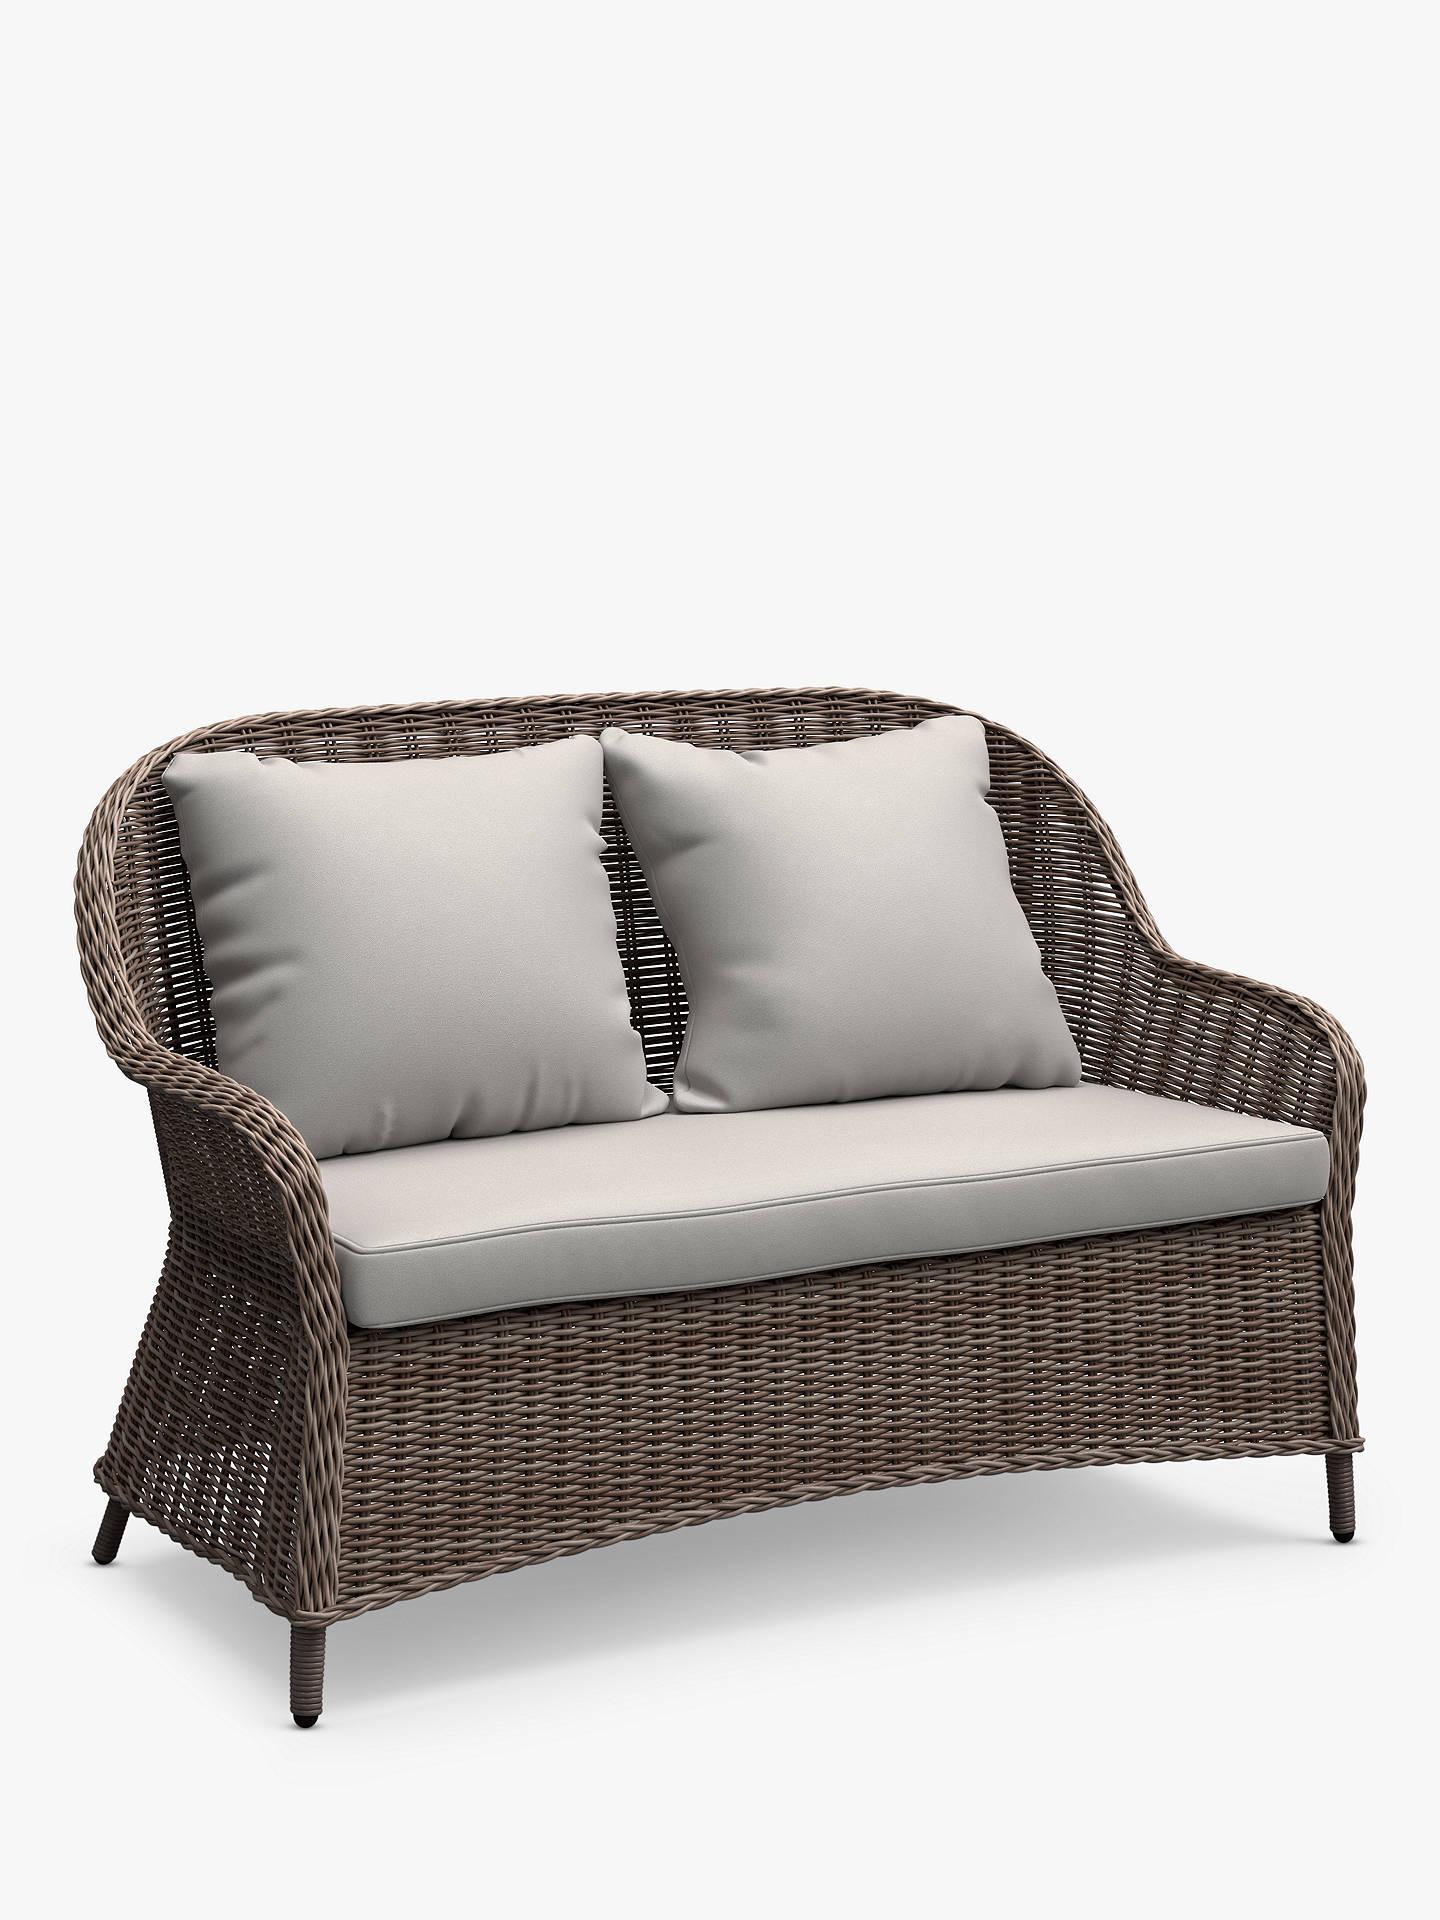 John Lewis & Partners Rye 8-Seat Garden Sofa, Natural